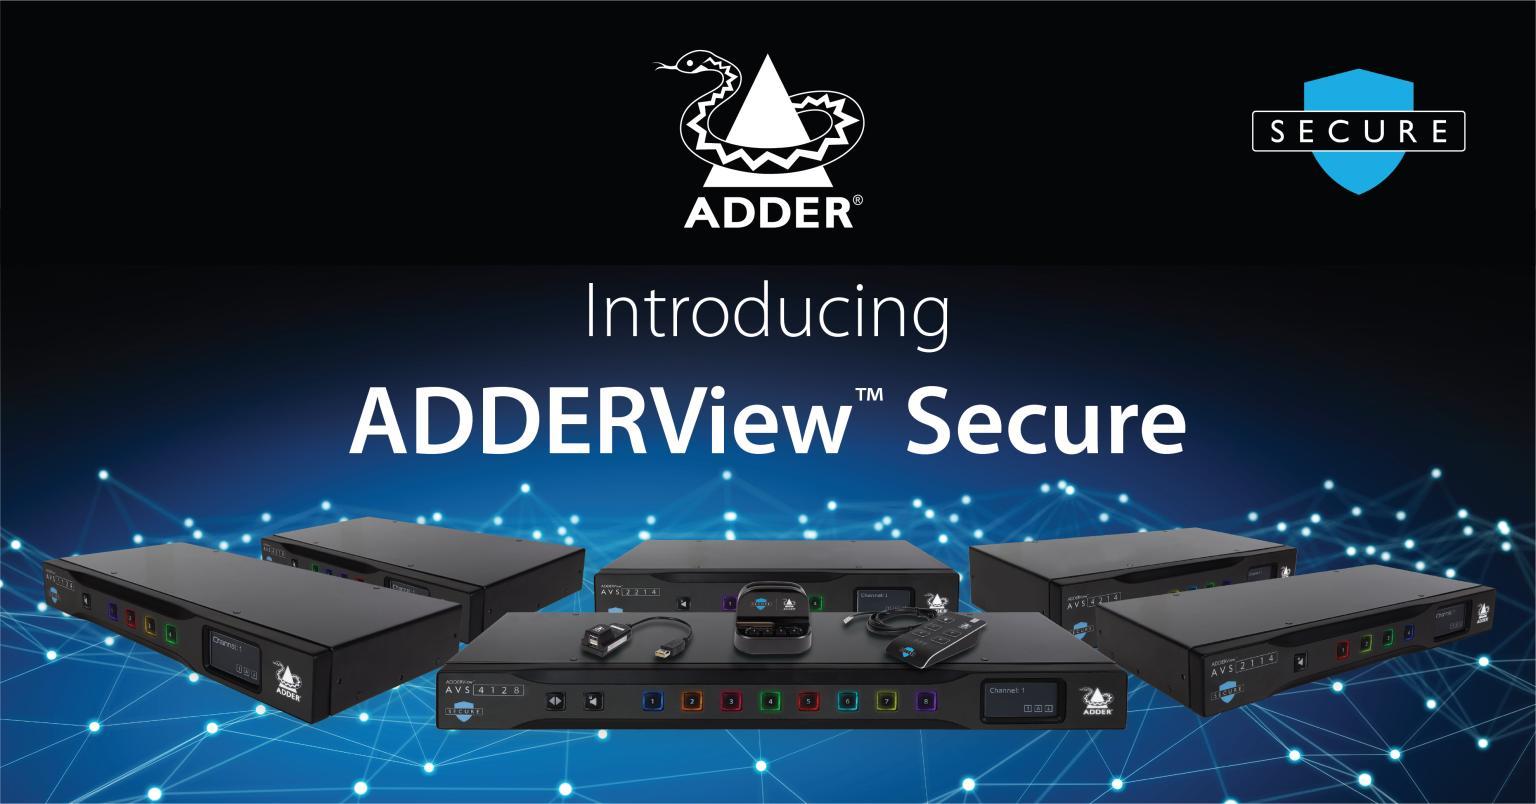 【製品情報】 NIAP PP 4.0準拠 サイバー攻撃対策 セキュアKVMスイッチ ADDERView™AVS SECURE シリーズ